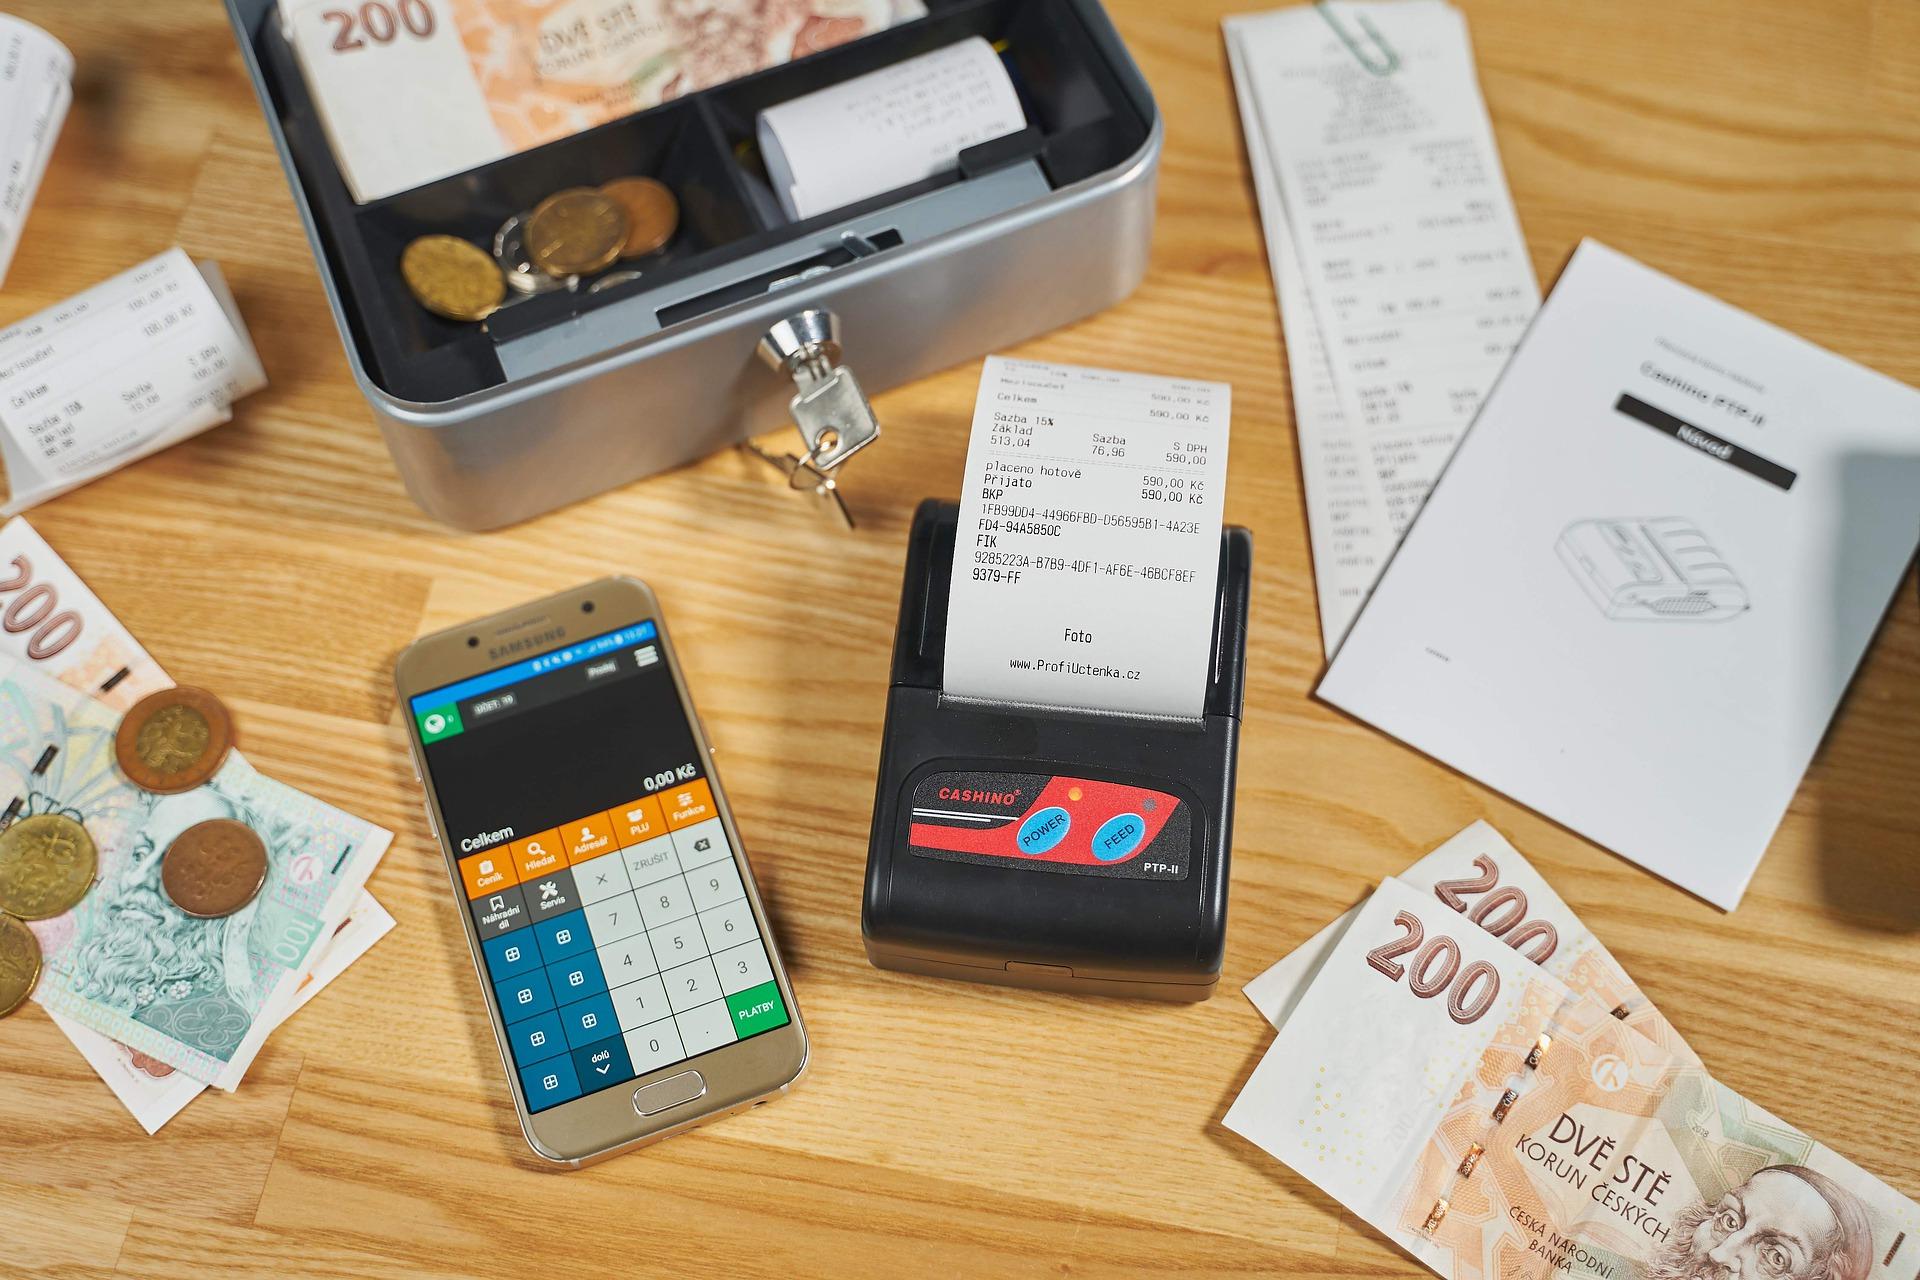 Comment Utiliser et Télécharger L'application Bancaire Lydia - Caractéristiques